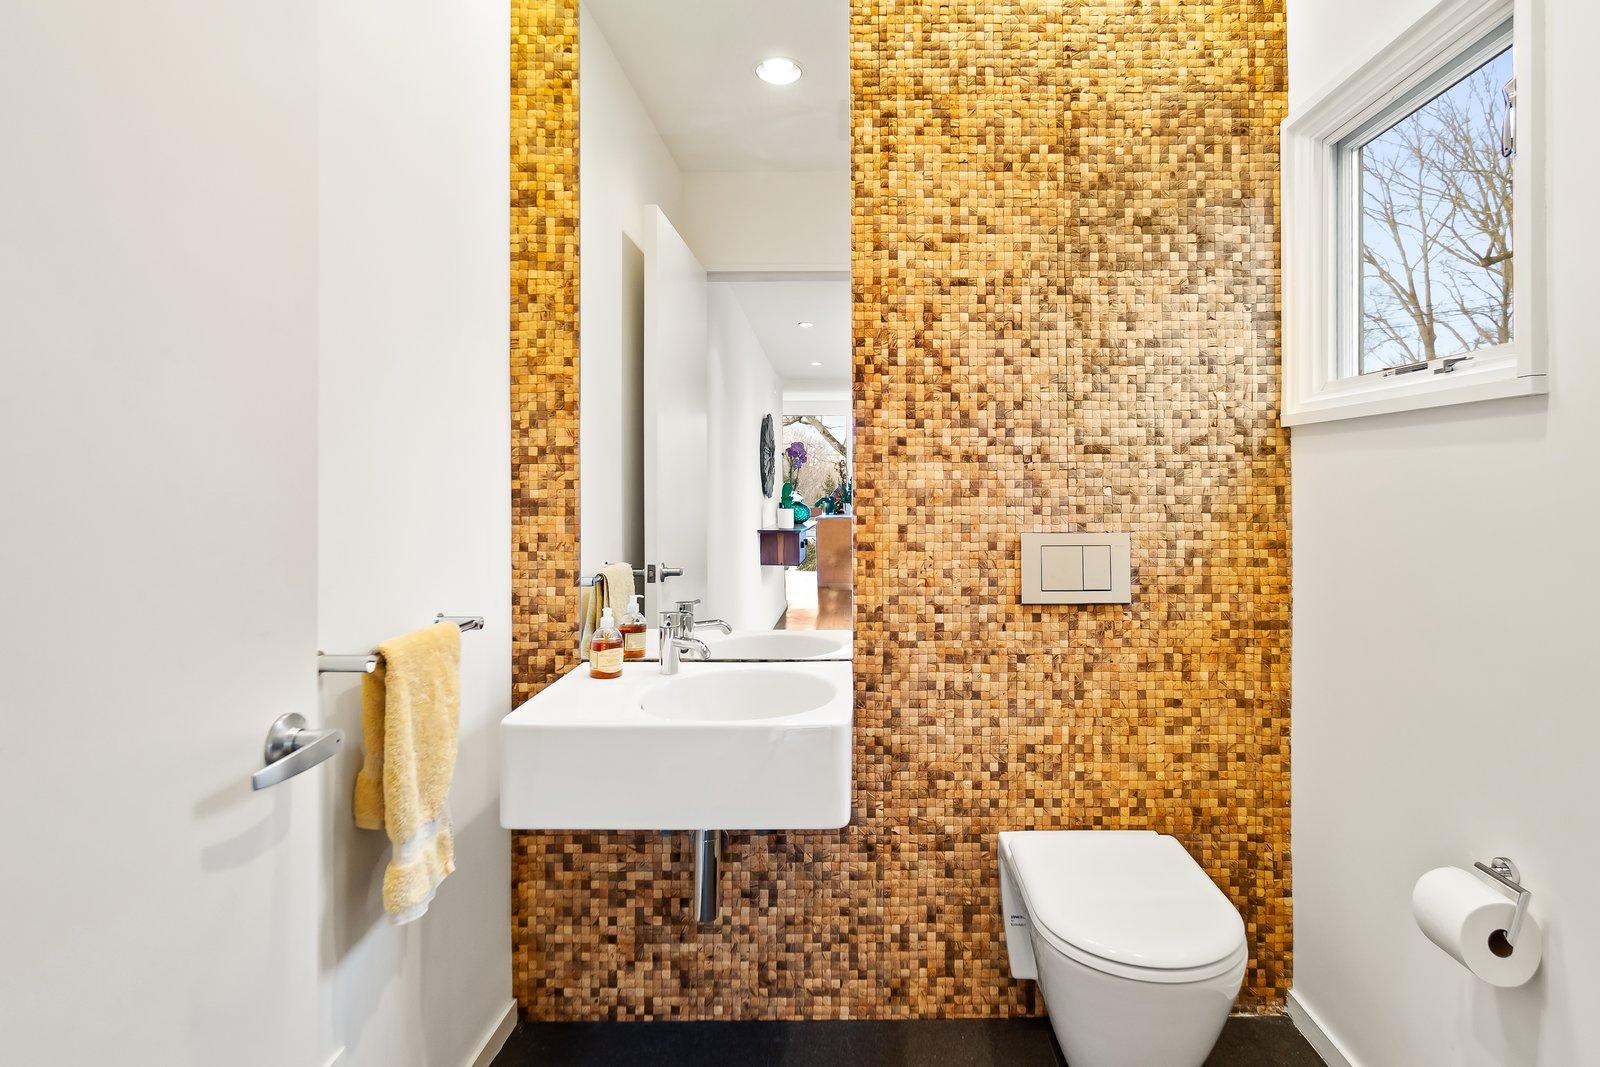 Ezra Stoller Home bathroom